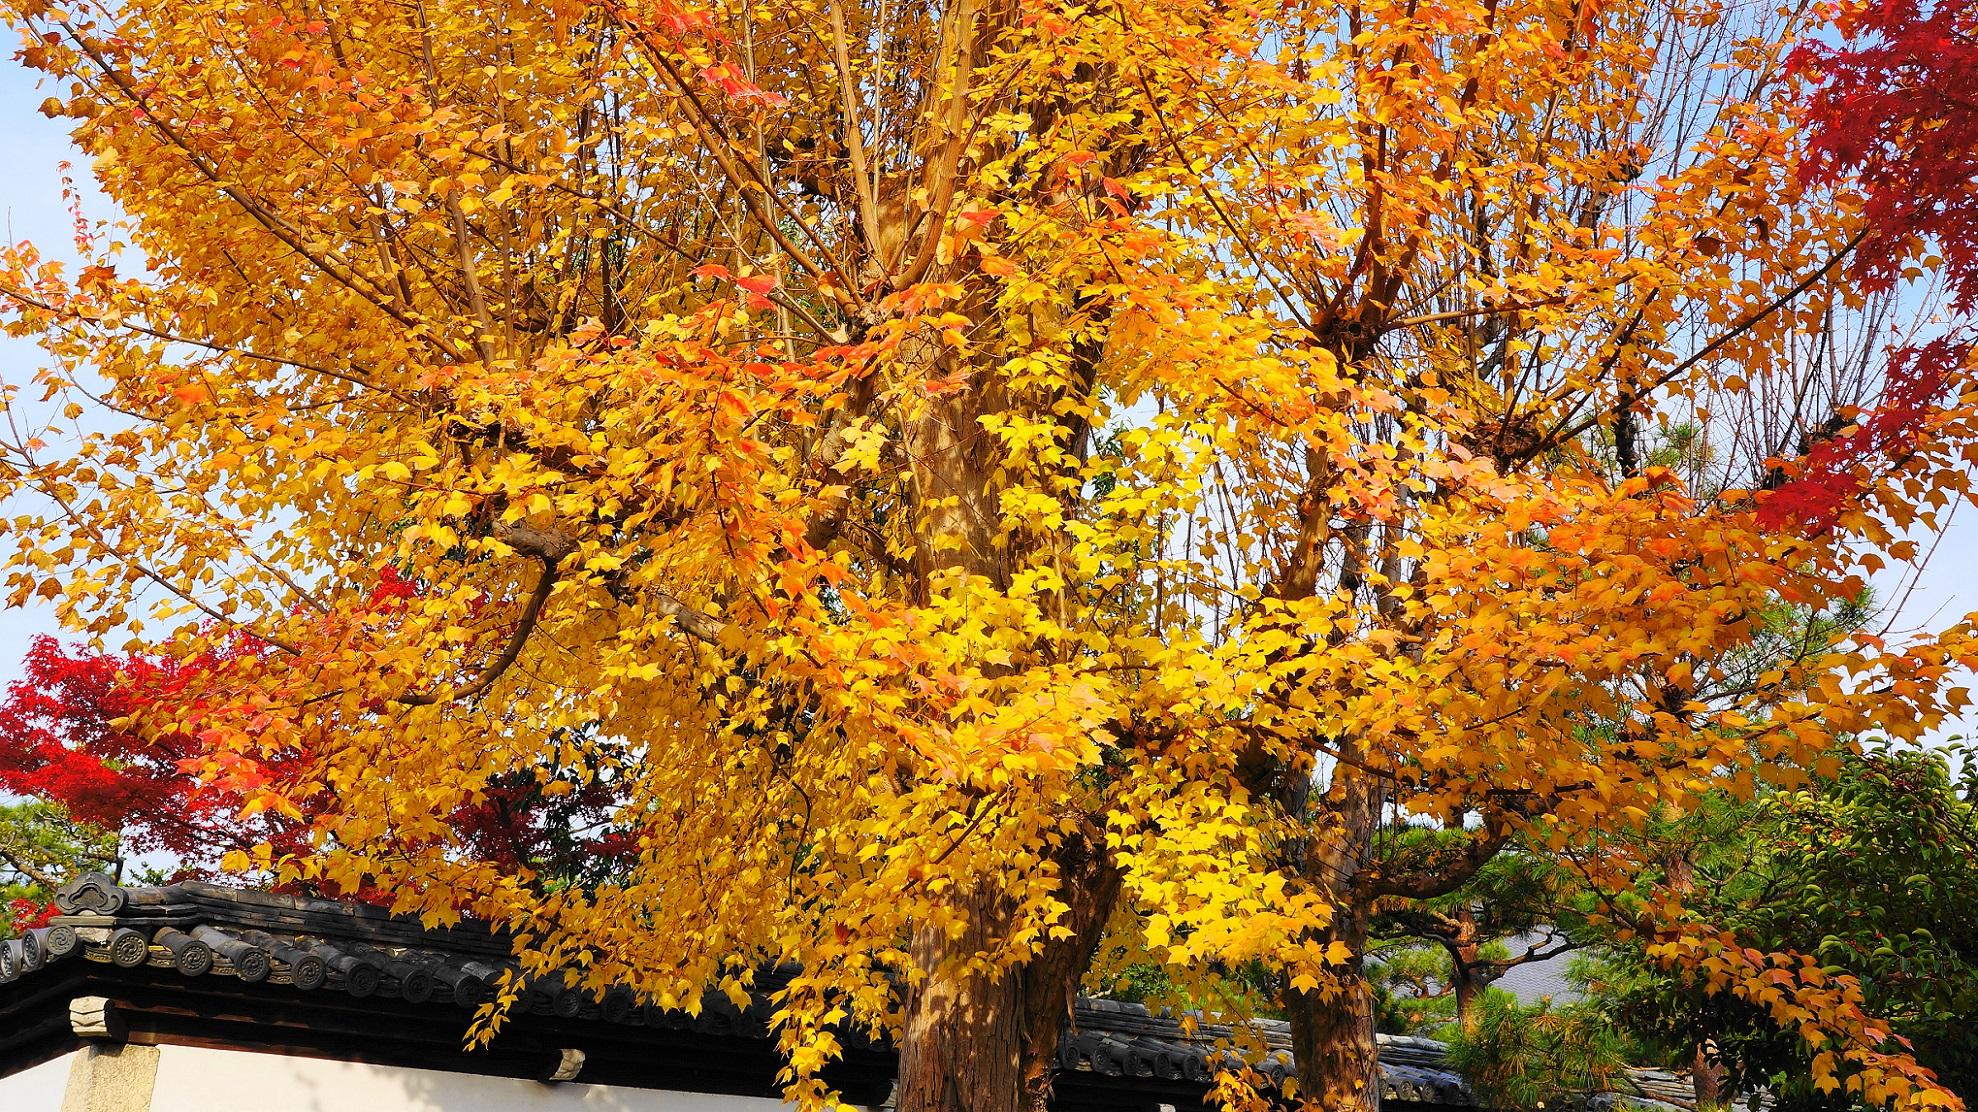 赤色と黄色がなぜか混ざる自然の織り成す不思議な秋色